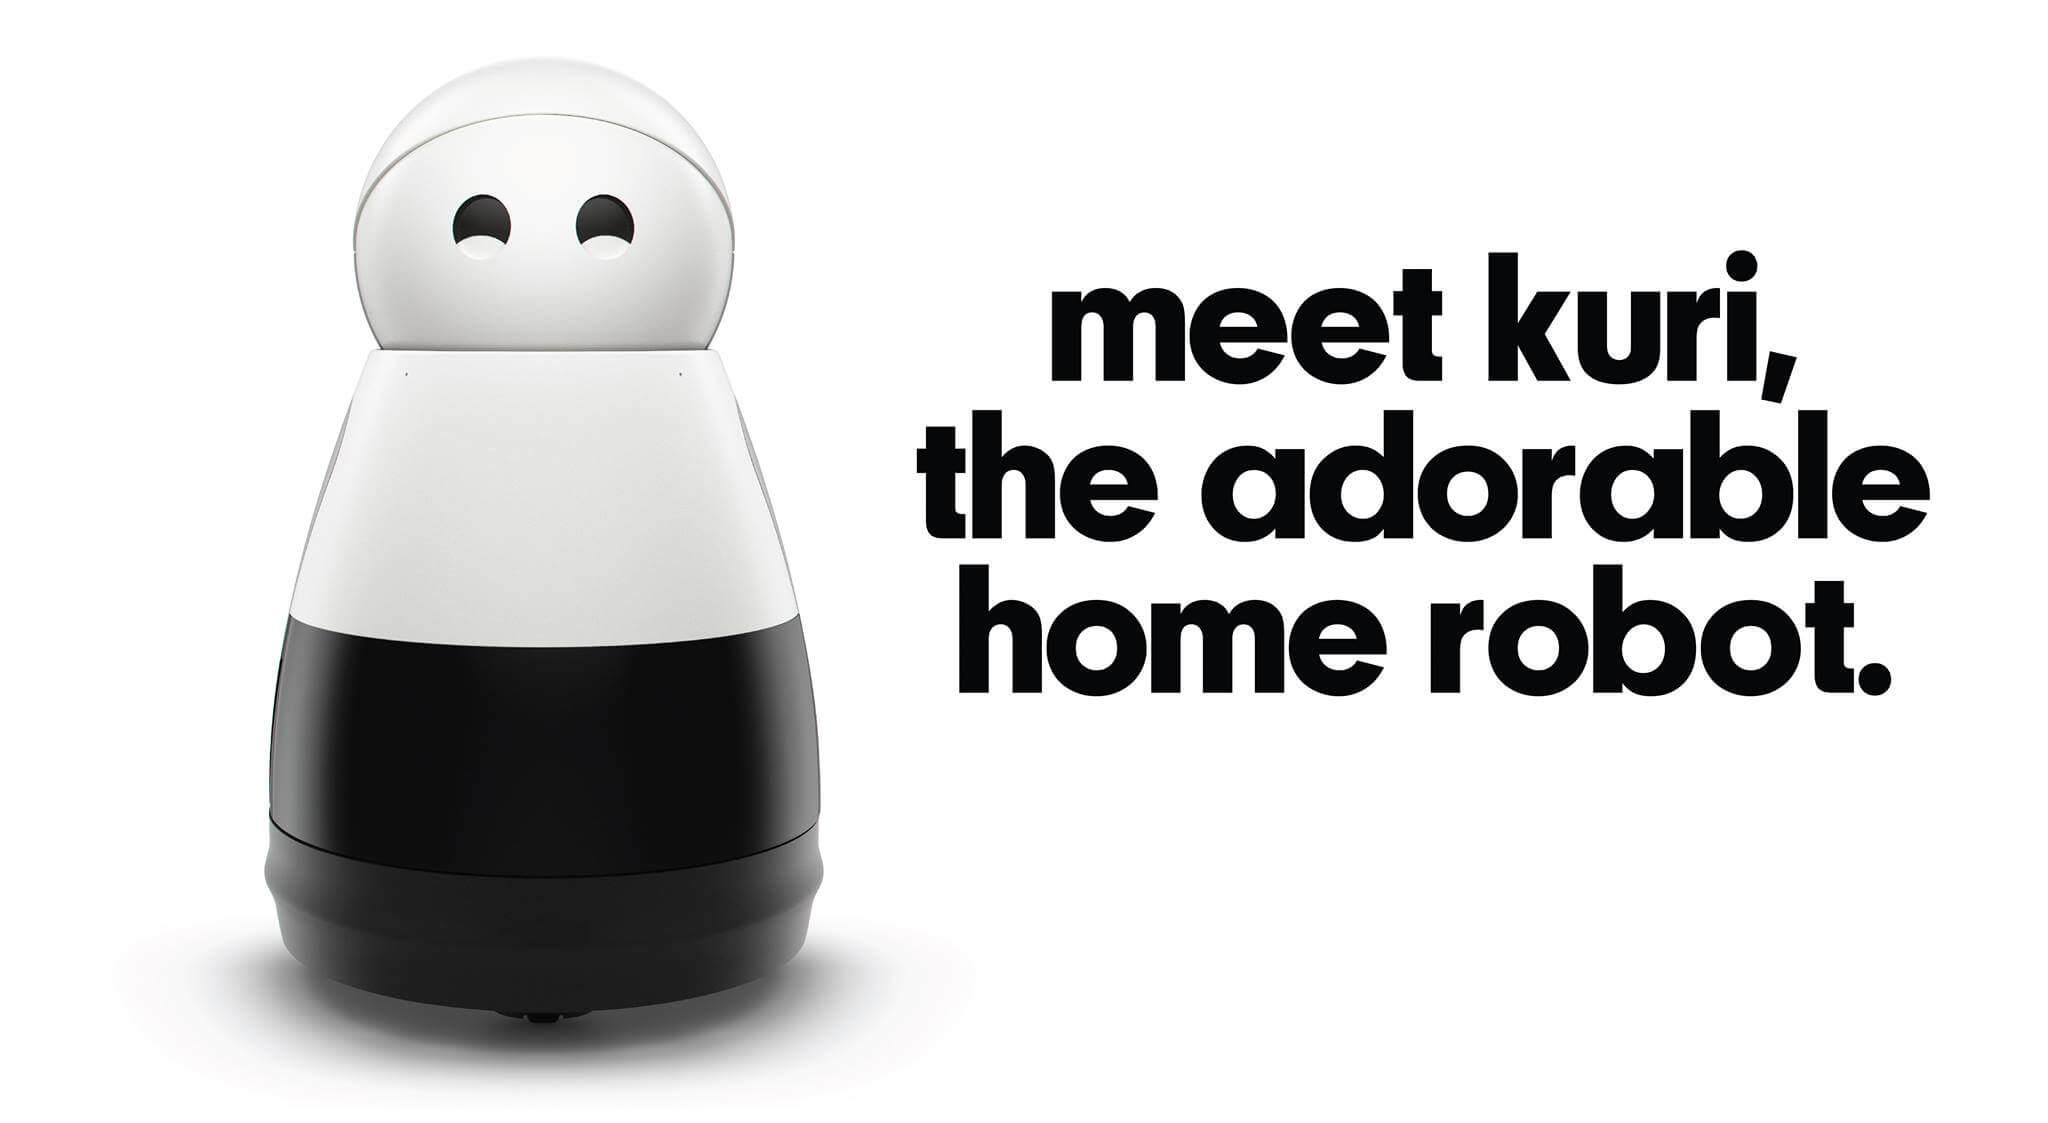 Kuri, the adorable home robot.